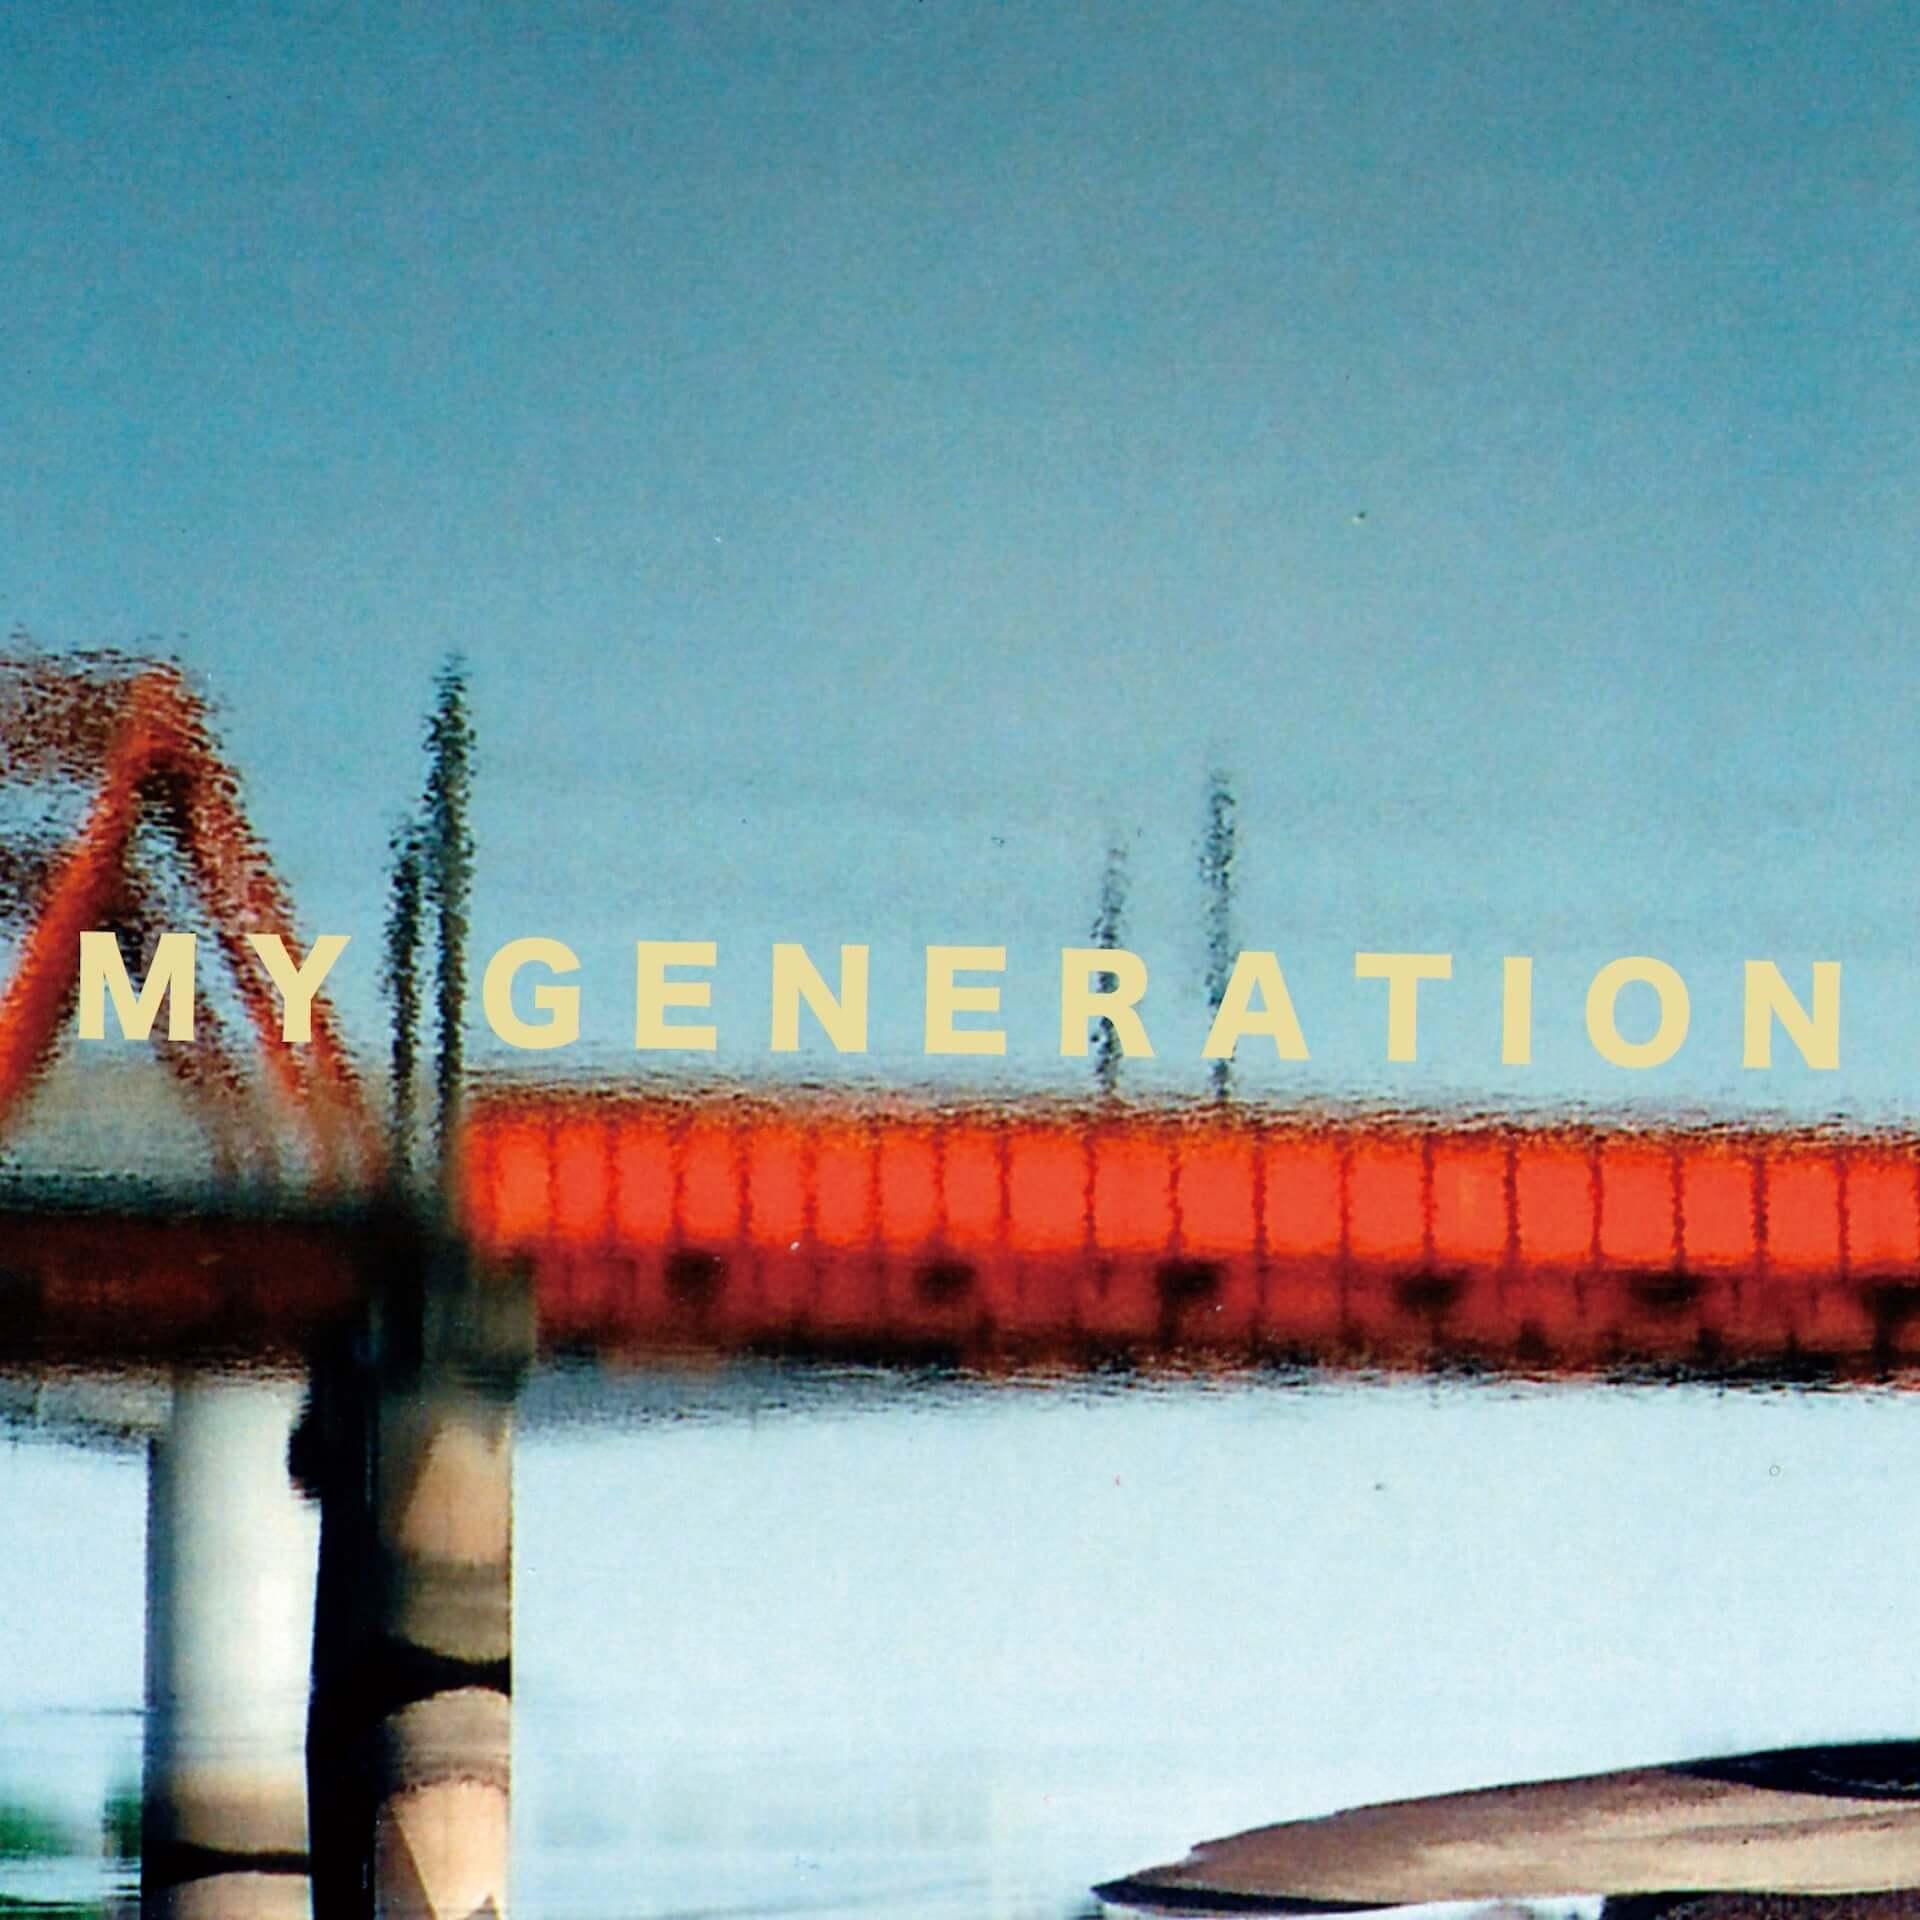 奇才・内村イタル率いるゆうらん船の1stアルバム『MY GENERATION』がリリース決定!「グッドミュージック」を再定義する新世代のフォーク&カントリー music200427_yuransen_1-1920x1920